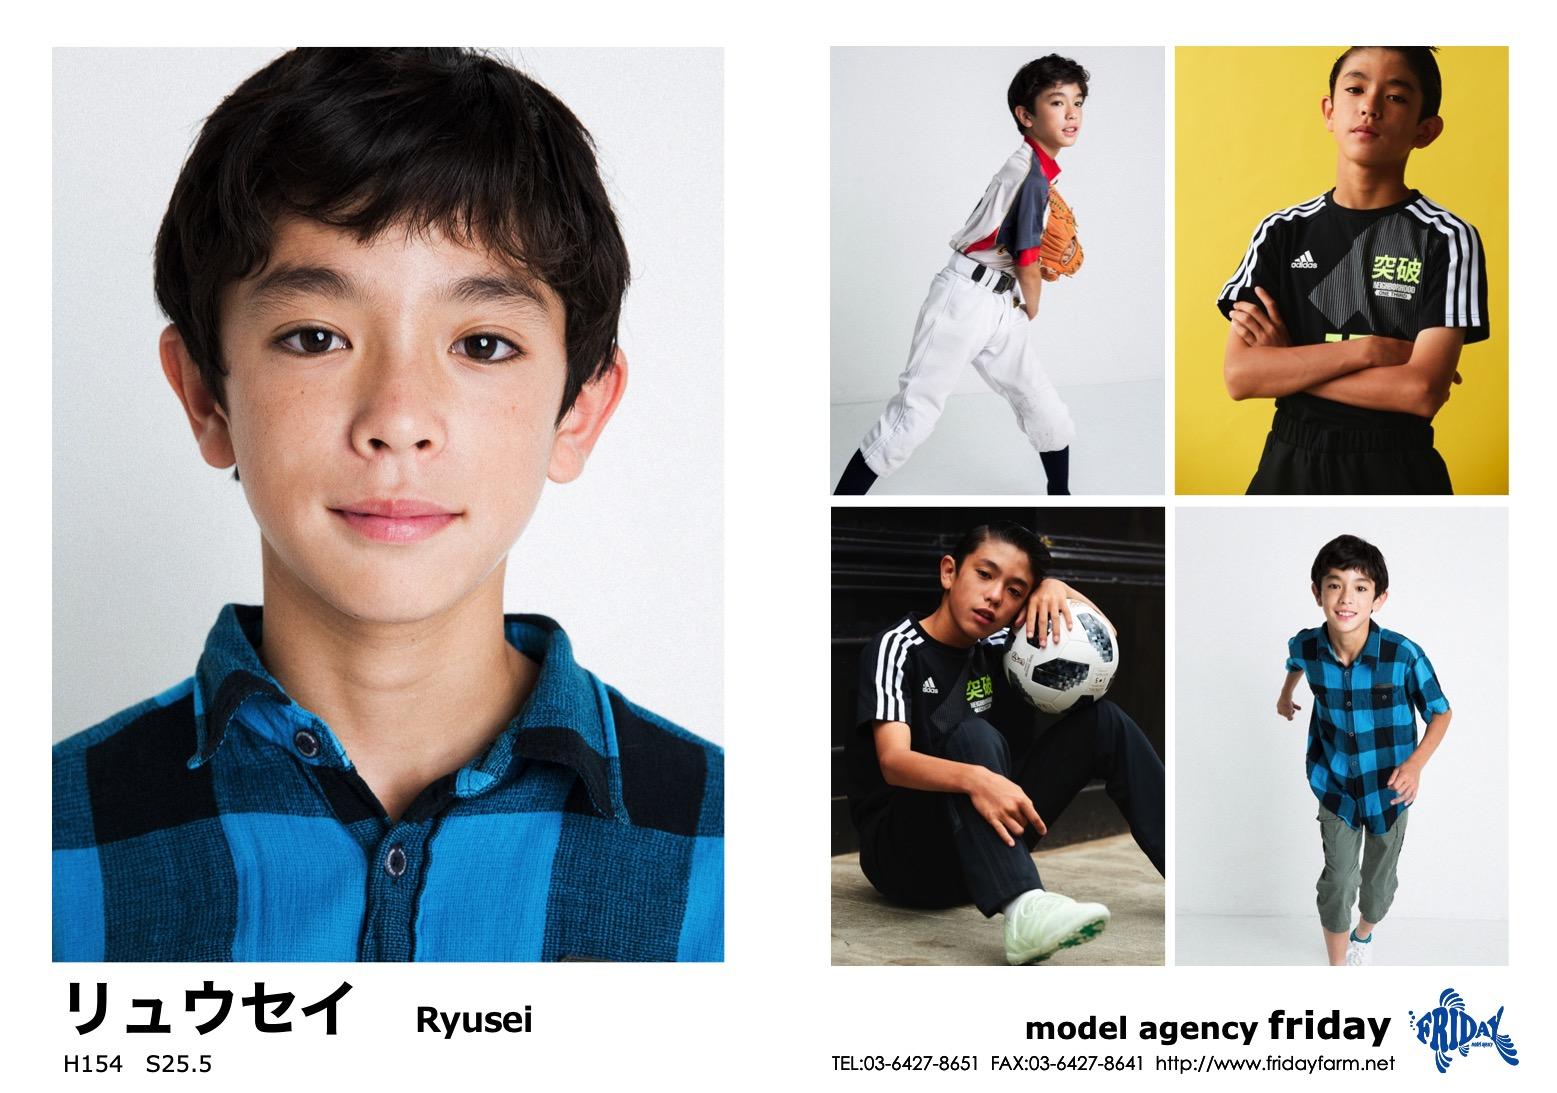 リュウセイ - Ryusei | model agency friday